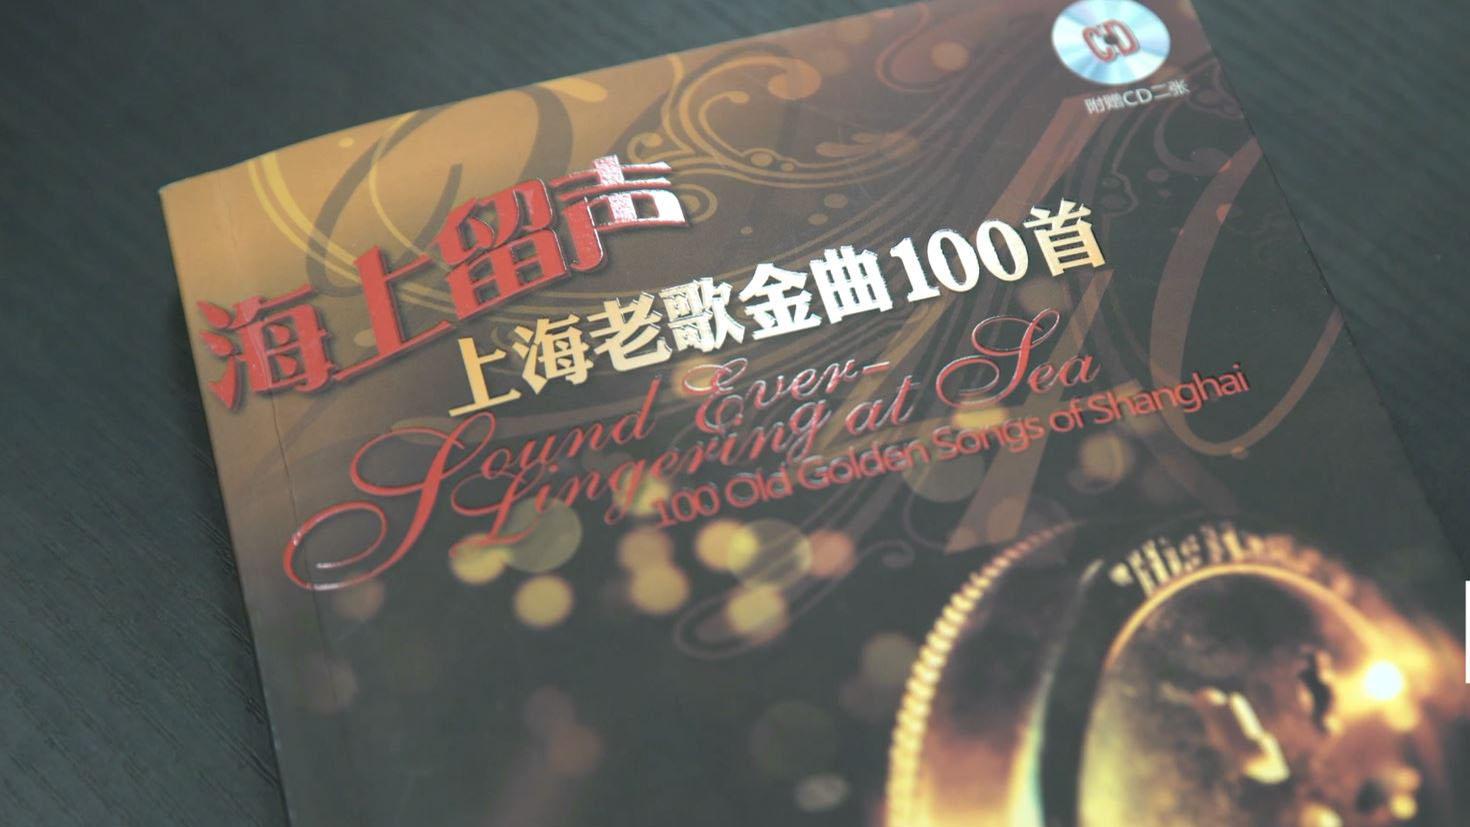 我不是铁齿铜牙,我为上海老歌代言